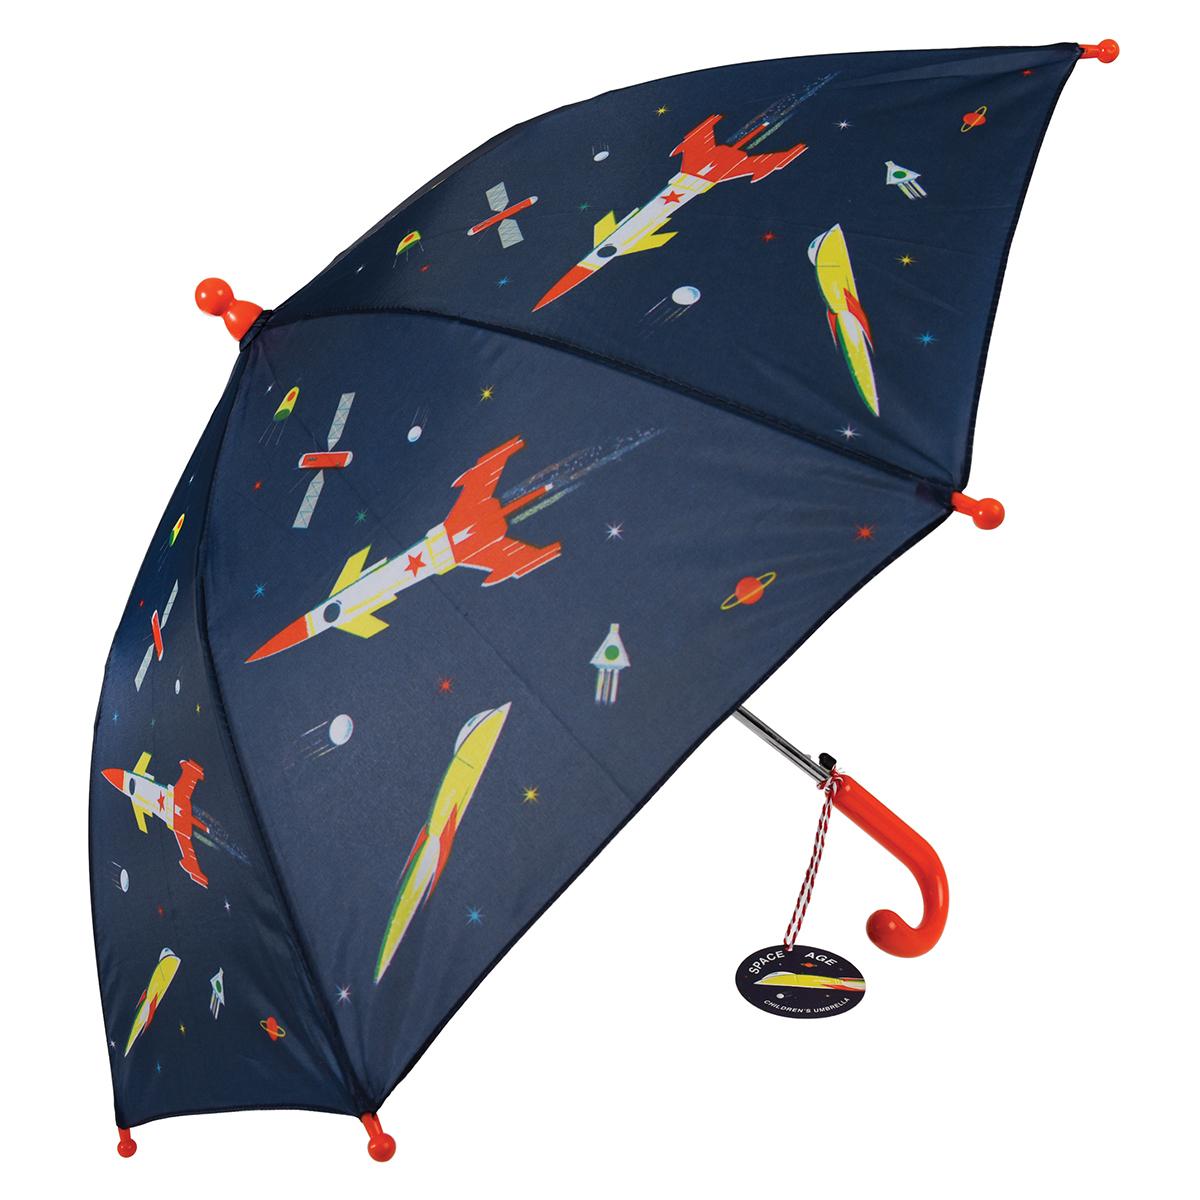 Accessoires bébé Parapluie - Space Age Parapluie - Space Age